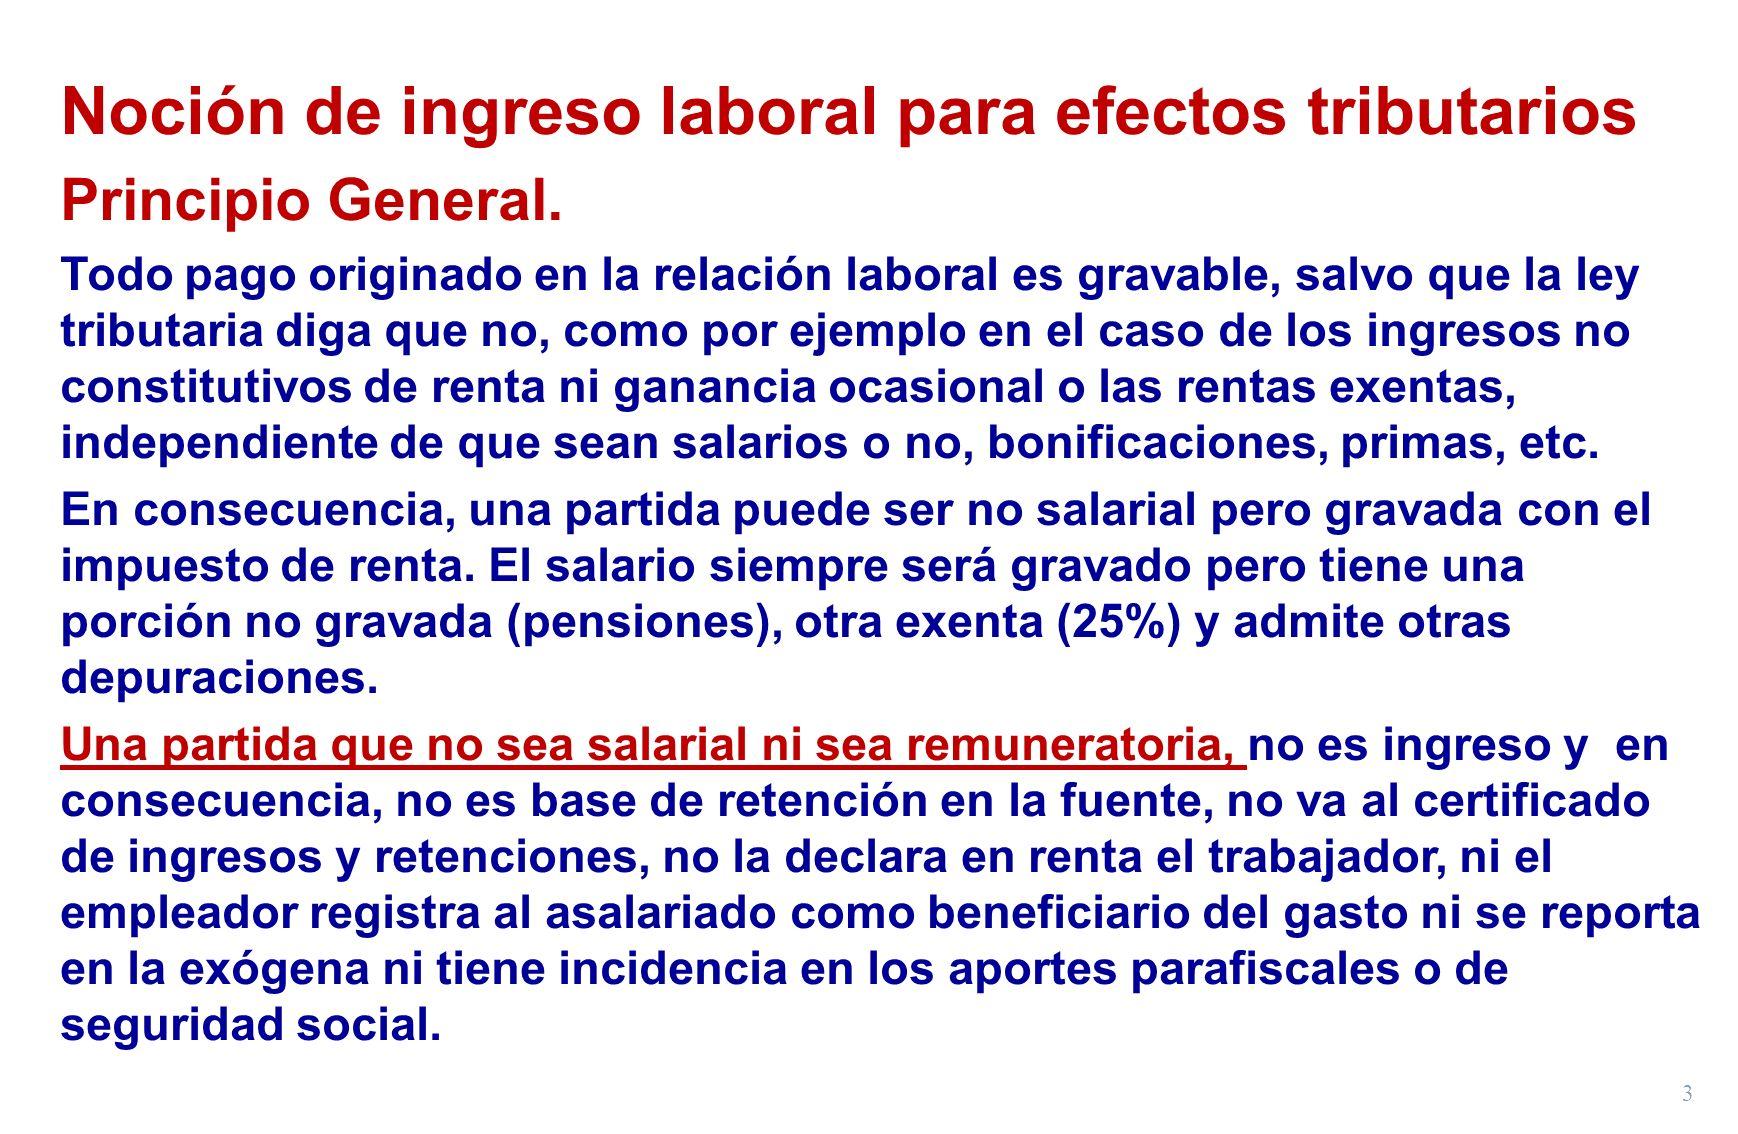 3 Noción de ingreso laboral para efectos tributarios Principio General. Todo pago originado en la relación laboral es gravable, salvo que la ley tribu